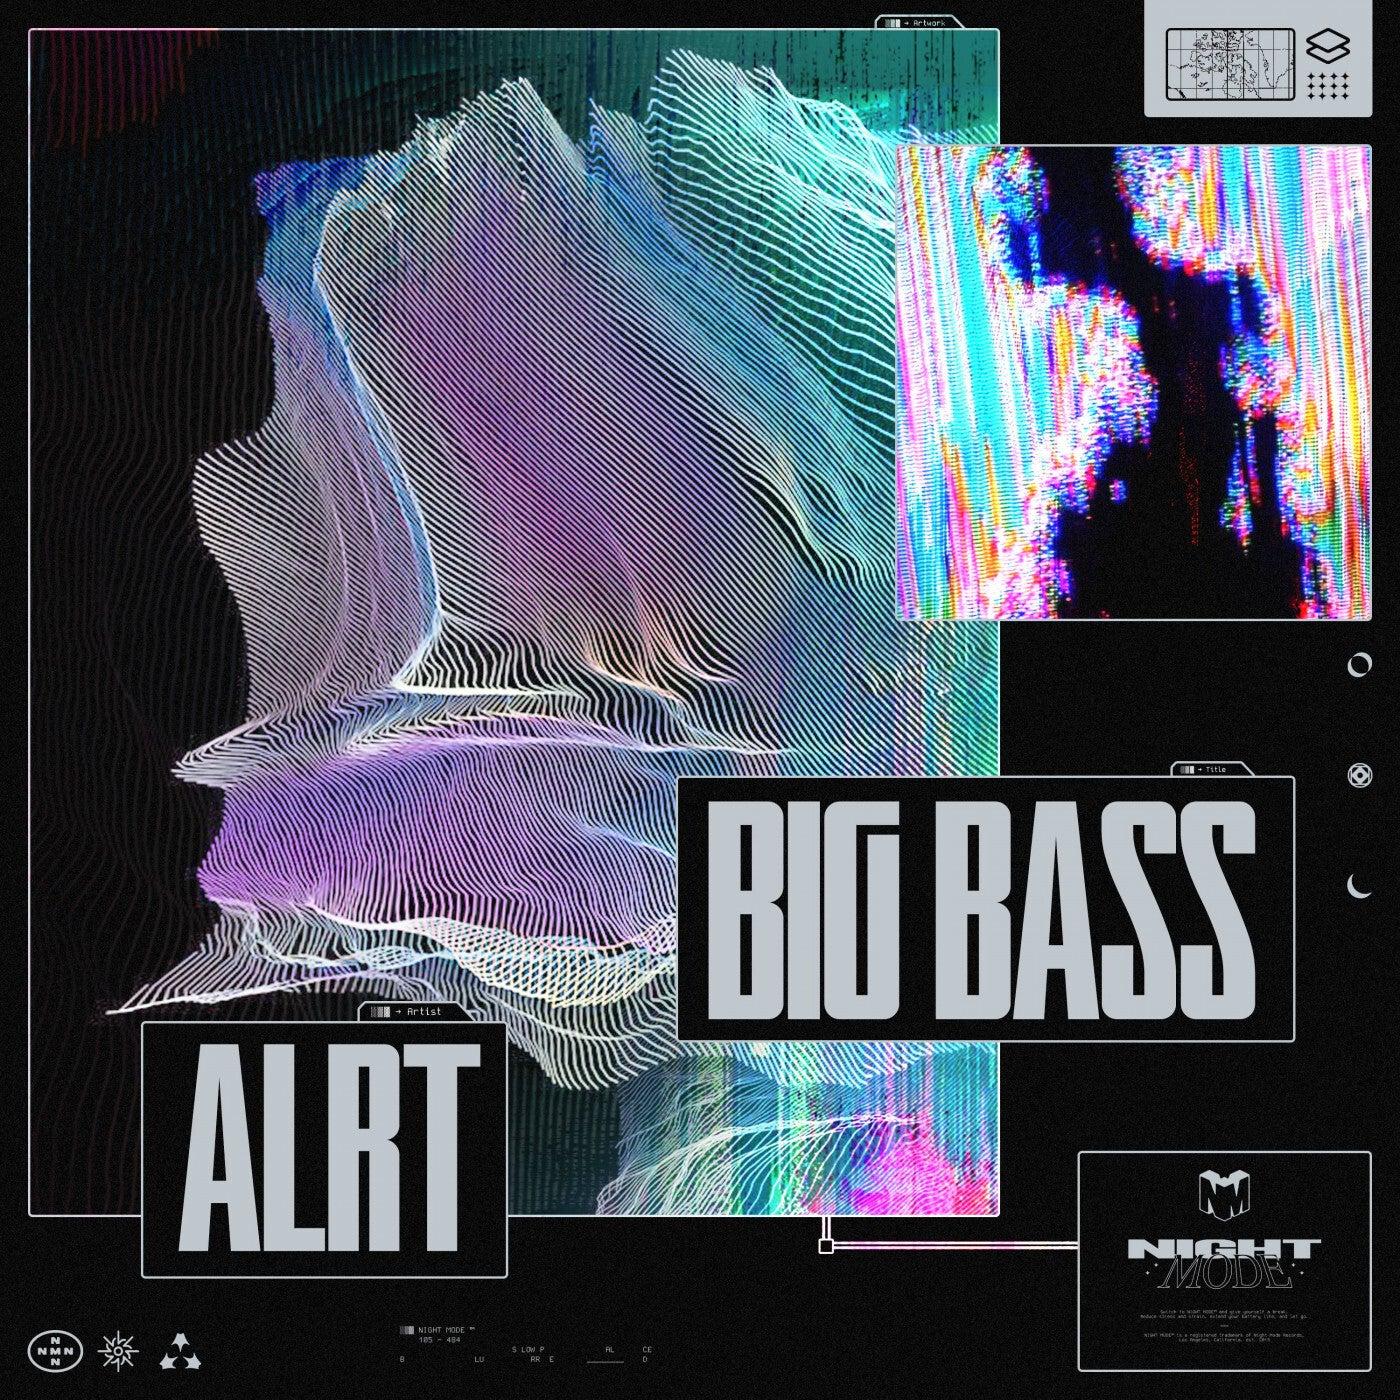 Big Bass (Original Mix)